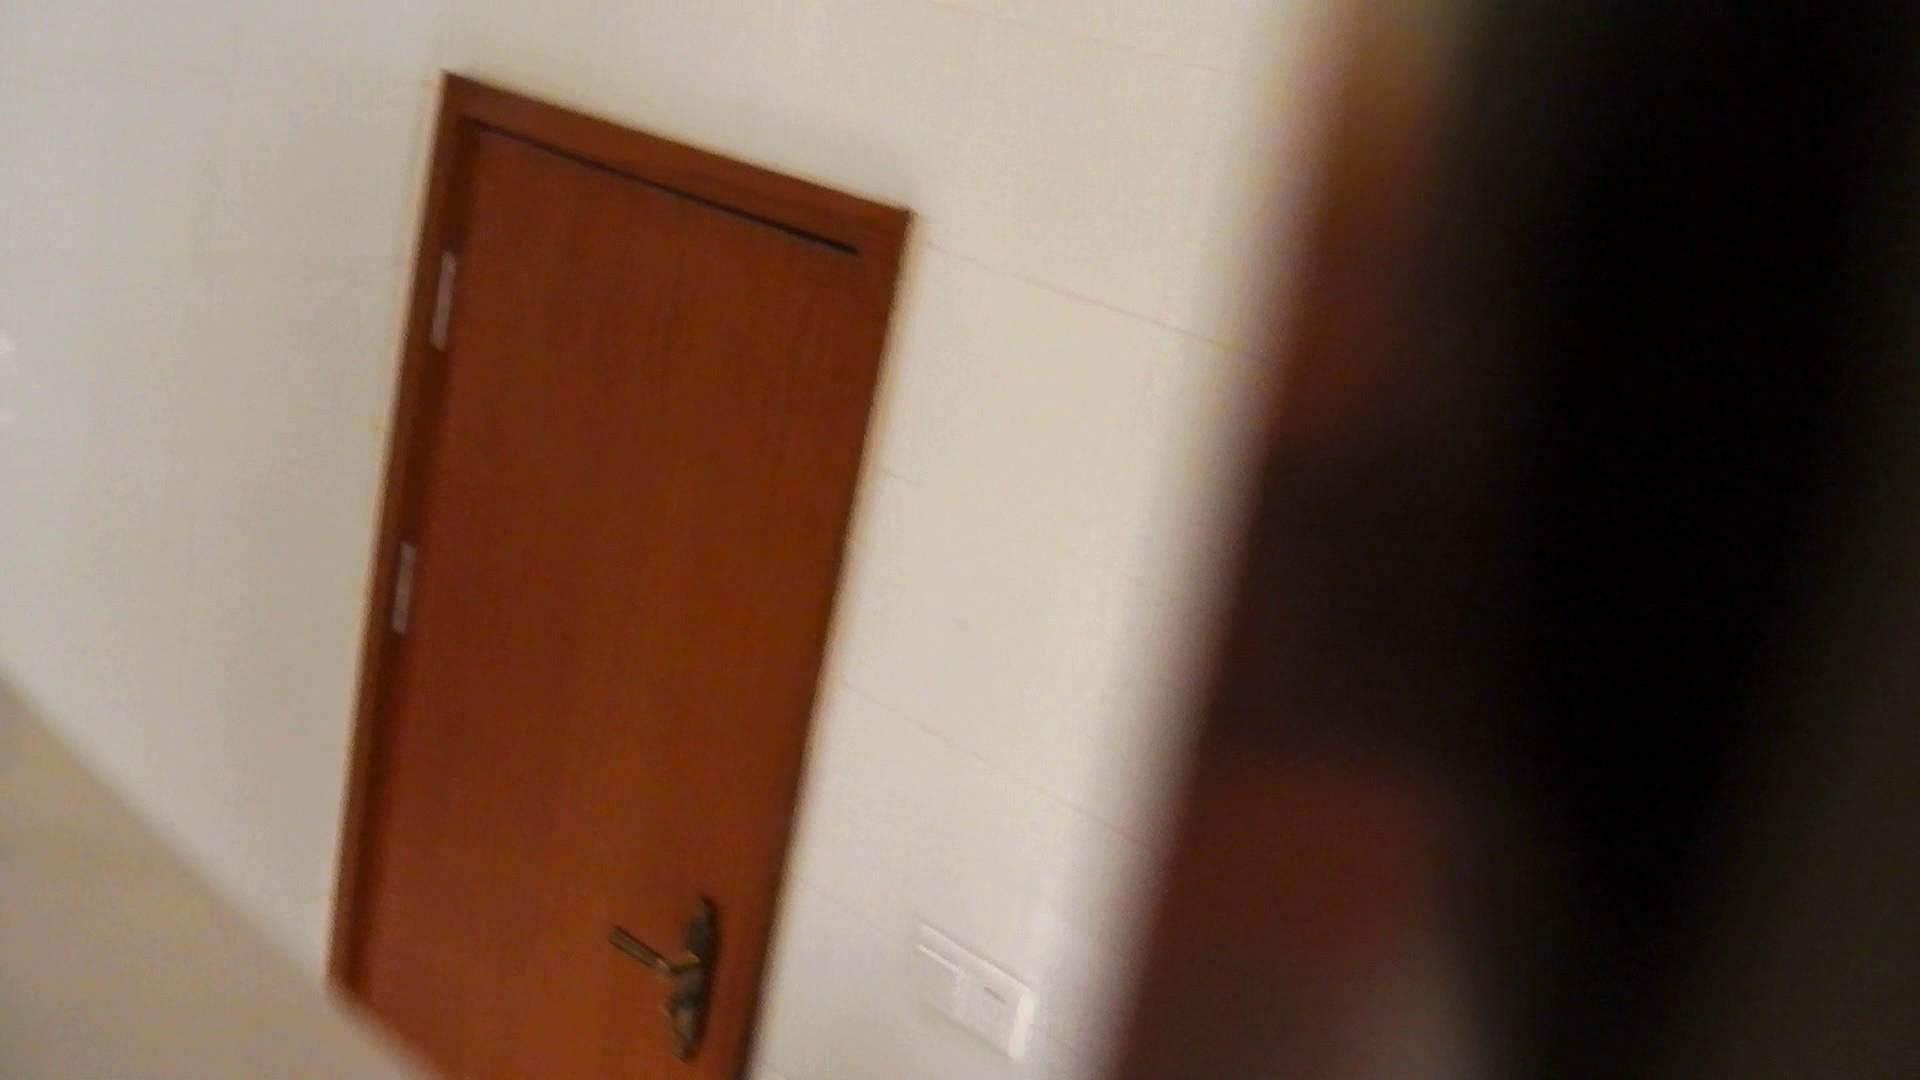 洗寿観音さんの 化粧室は四面楚歌Nol.4 洗面所  104pic 98